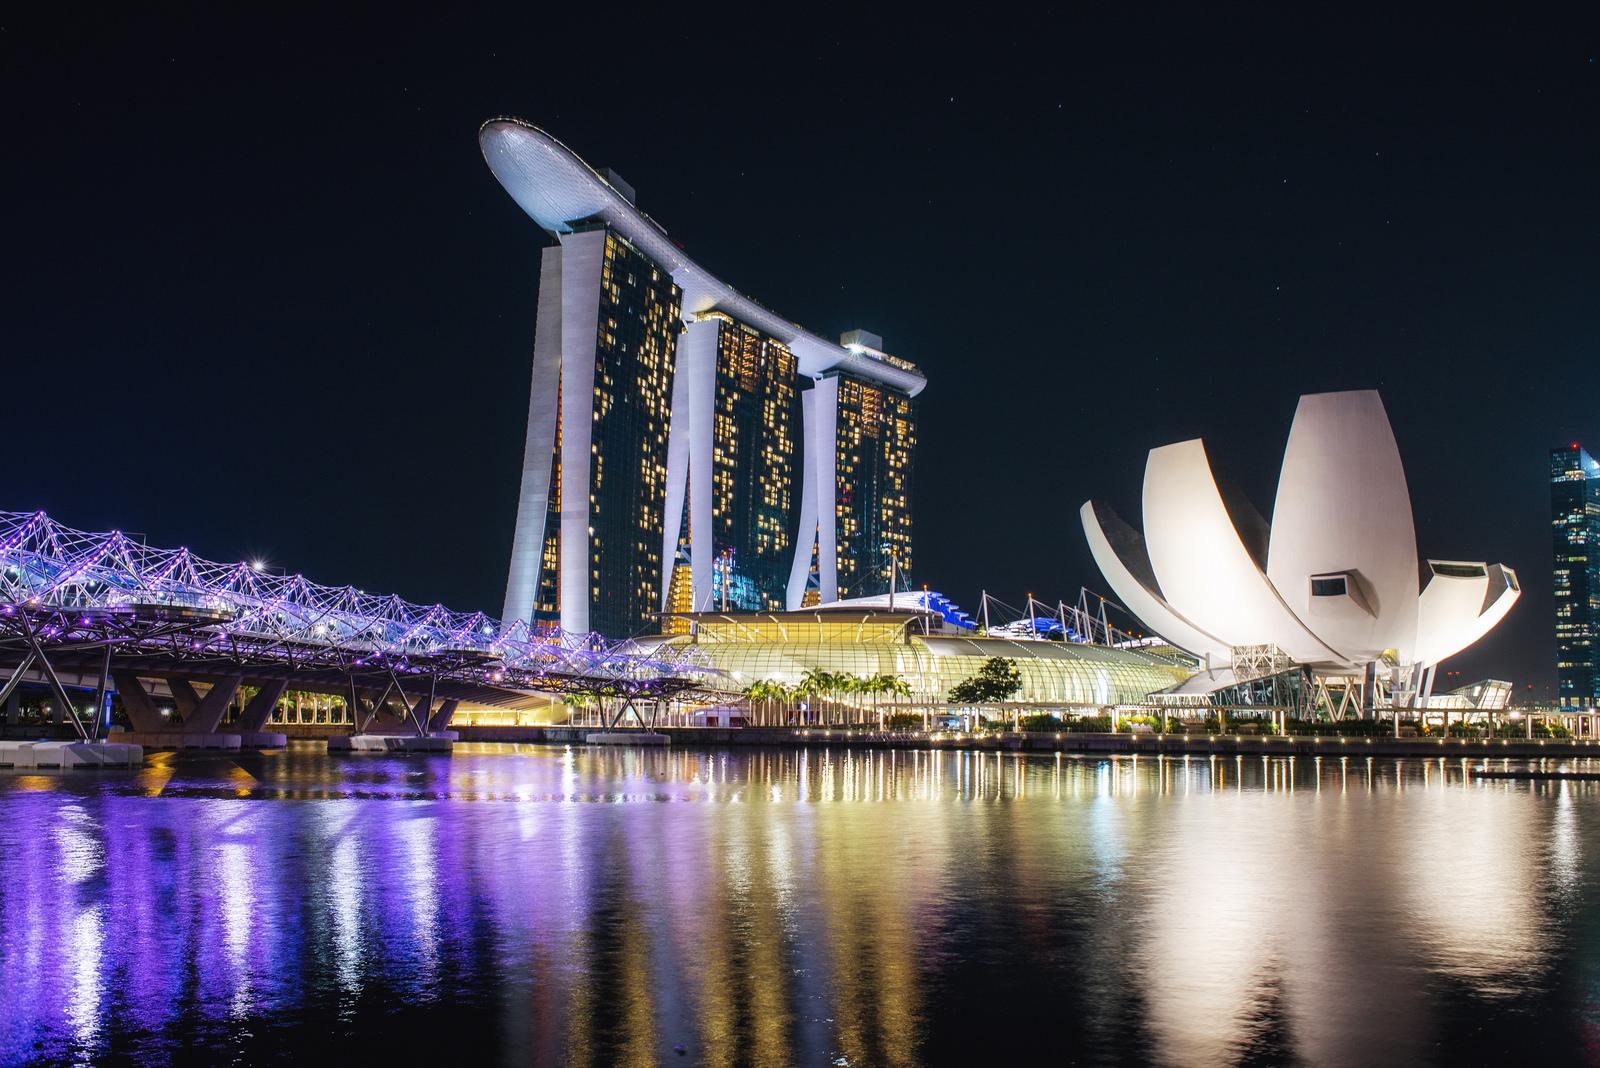 Marina Bay, Singapore, at night.